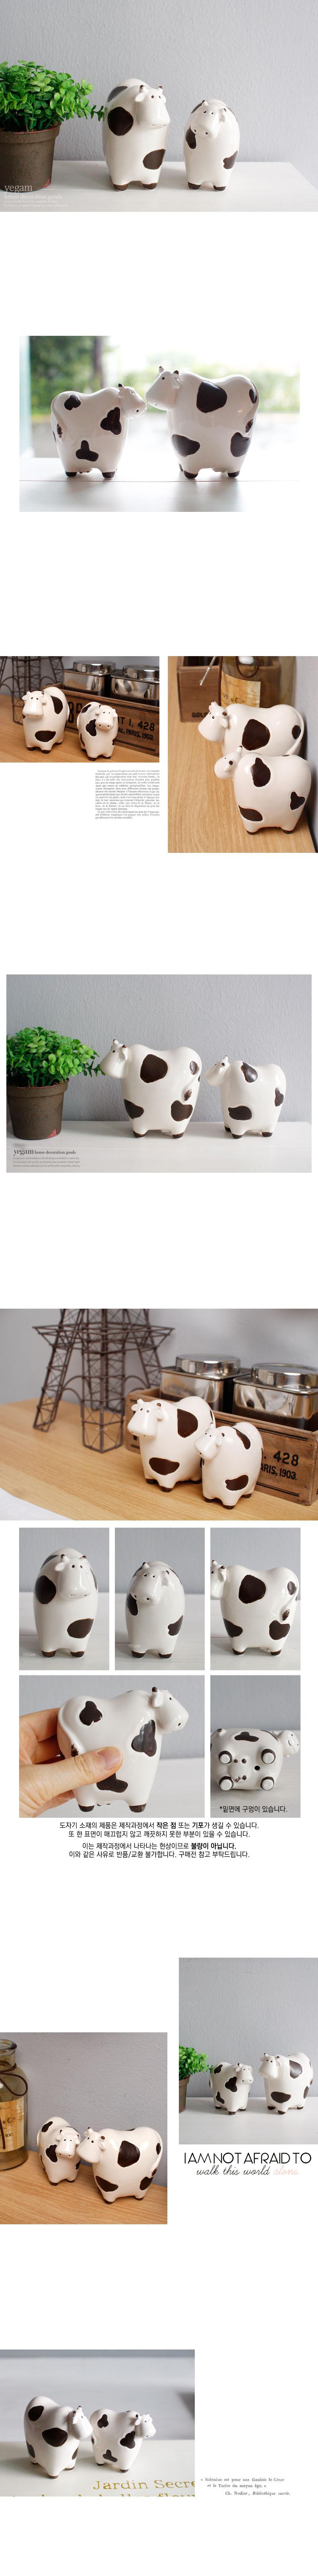 프렌치 젖소 2종set (중) - 체리하우스, 10,800원, 장식소품, 도자기류